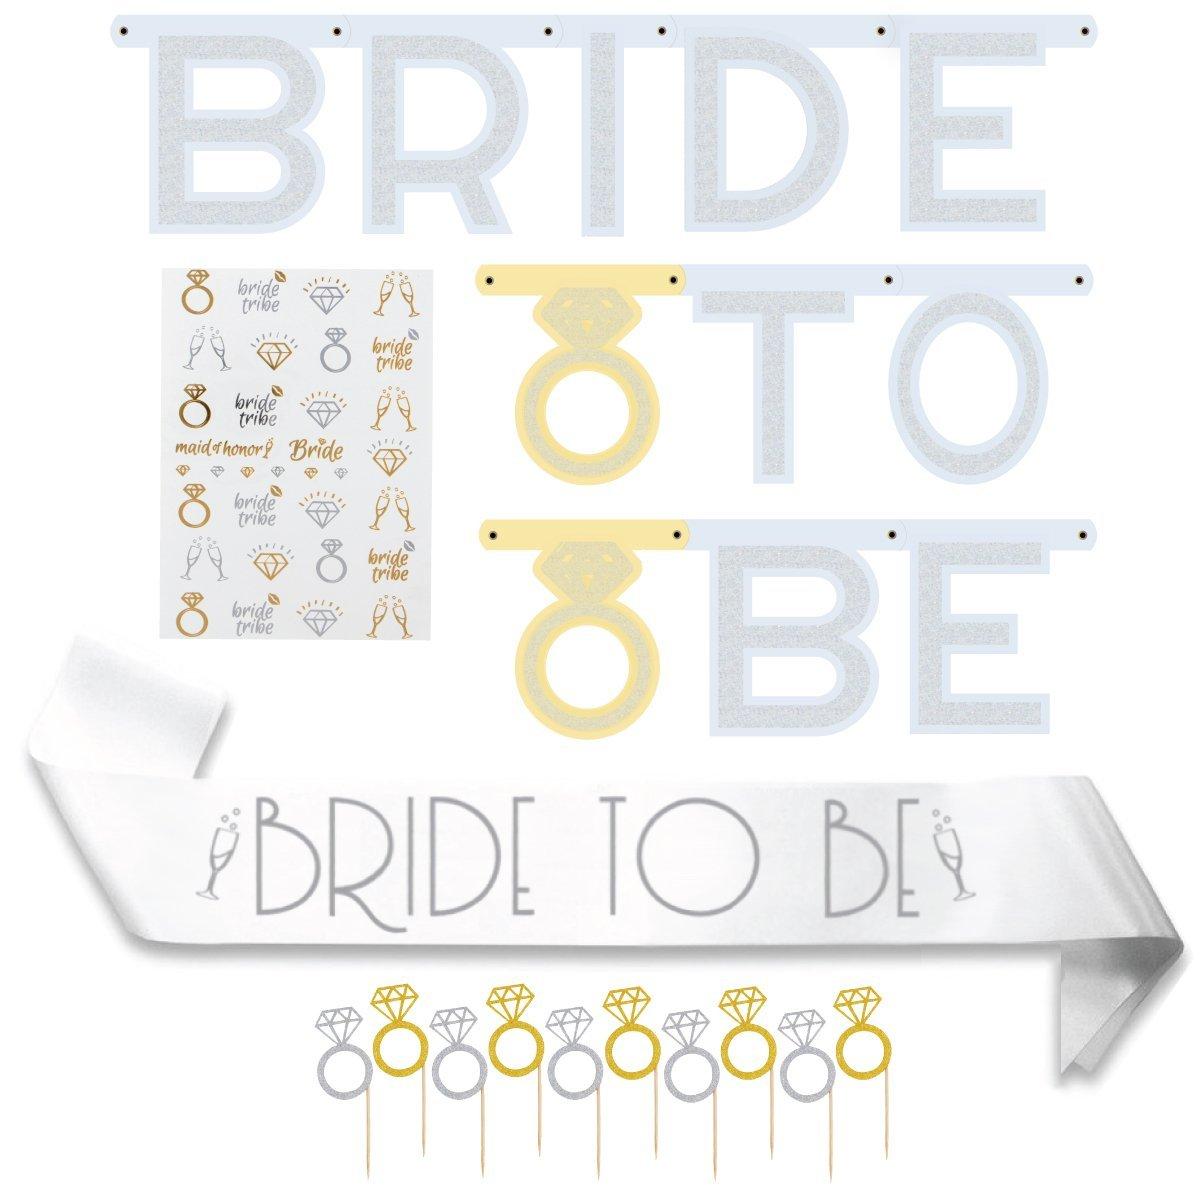 bachelorette party decorations, bachelorette party idea, bachelorette party supplies, bachelorette decorations, bachelorette supplies